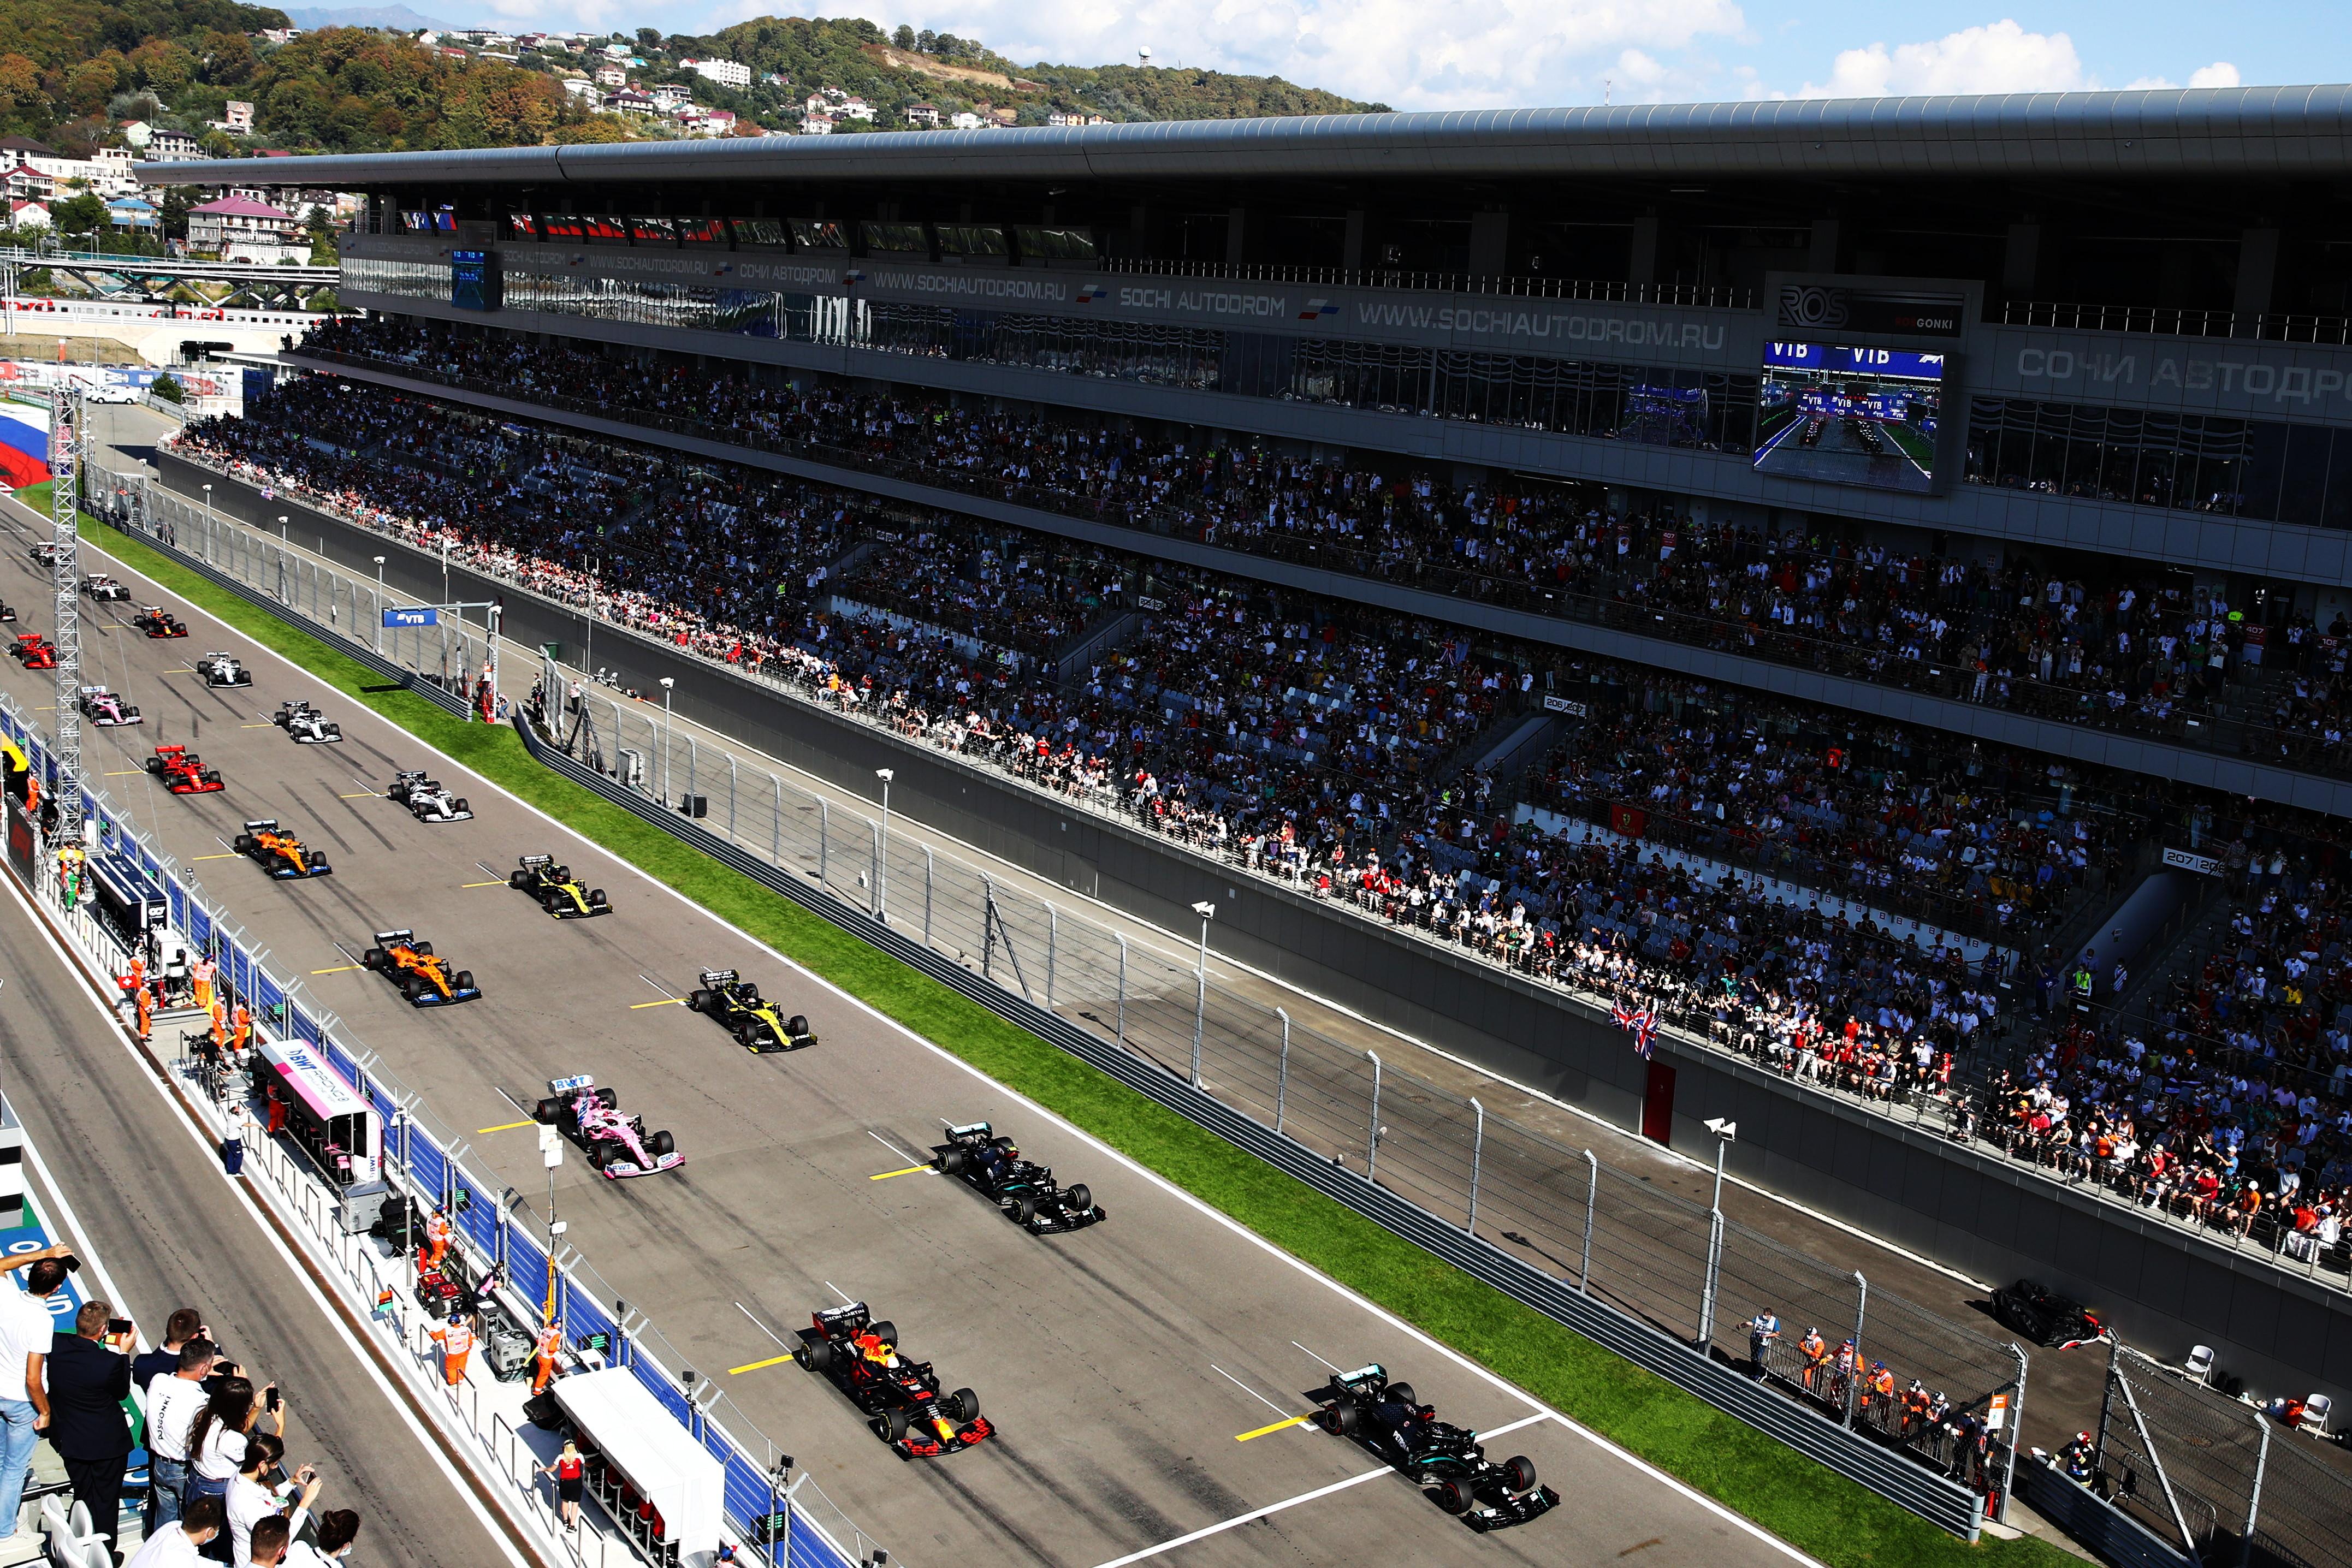 Hamilton chiude solo terzo e rimanda la festa per le 91 vittorie come Schumi. Vince Bottas davanti a Verstappen, Ferrari dignitosa con Leclerc.<br /><br />